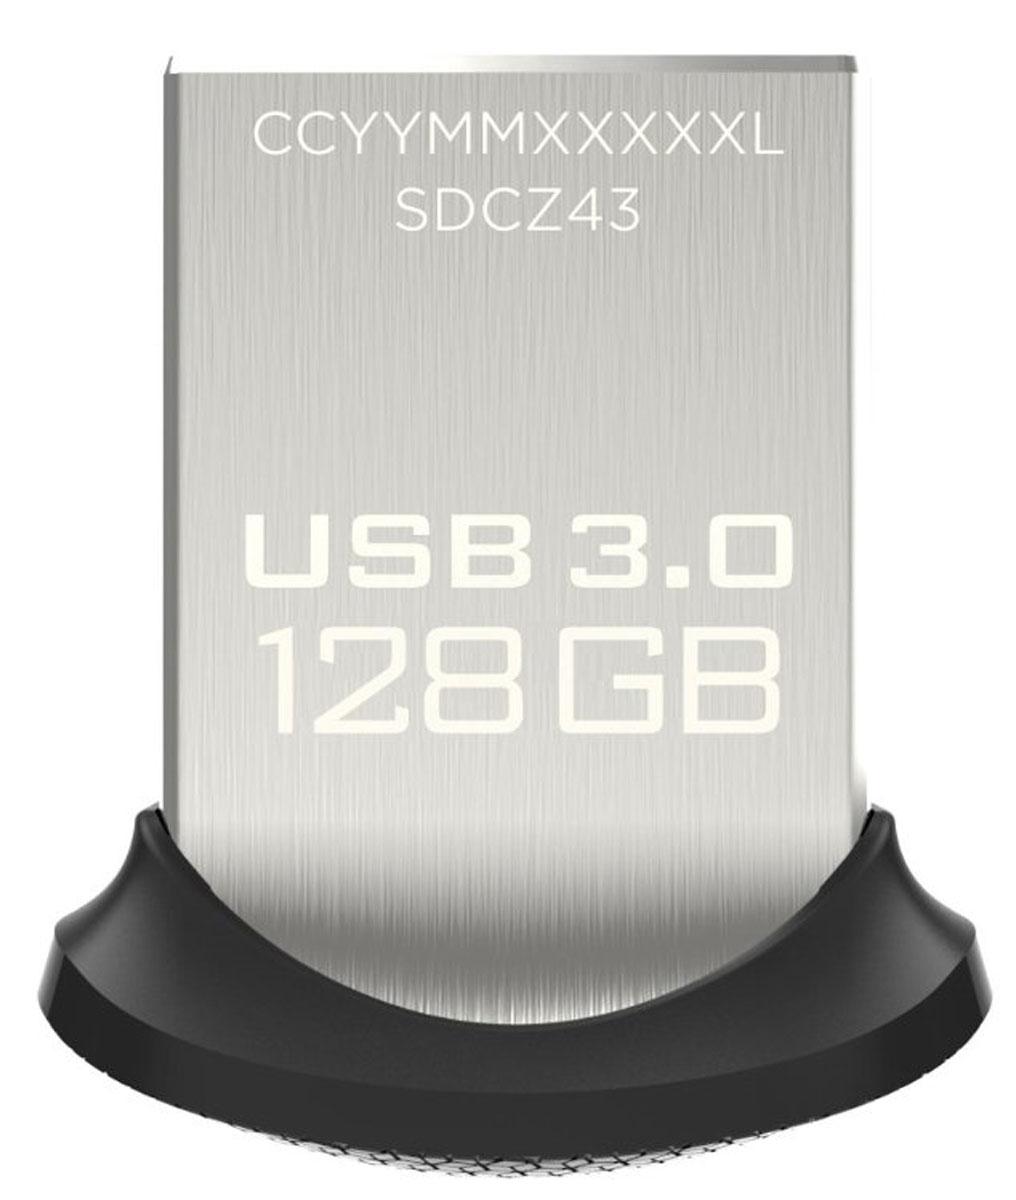 SanDisk Ultra Fit 3.0 128GB, Black USB-накопительSDCZ43-128G-G46Сверхминиатюрный низкопрофильный накопитель SanDisk Ultra Fit 3.0 всегда готов прийти на помощь при нехватке дискового пространства или исключительно быстро переместить мультимедиа с одного устройства на другое. Оцените почти 10-кратное превосходство в скорости в сравнении со стандартными накопителями USB 2.0 и копируйте полнометражные фильмы менее чем за 40 секунд. Надежный накопитель для всех ваших устройств Расширьте память своего устройства (дополнительная память до 128 ГБ) с помощью этого маленького удобного флеш-накопителя USB 3.0. Подключите его к труднодоступному USB-порту телевизора и смотрите видео или возьмите его с собой в ноутбуке или автомобильной аудиосистеме. Супербыстрый перенос контента с устройства на устройство — где бы вы ни находились Благодаря высокой скорости USB 3.0 вам не придется больше ждать. Теперь переносить фотографии, музыку или видео с одного устройства на другое просто, как никогда. Полнометражный фильм передается...